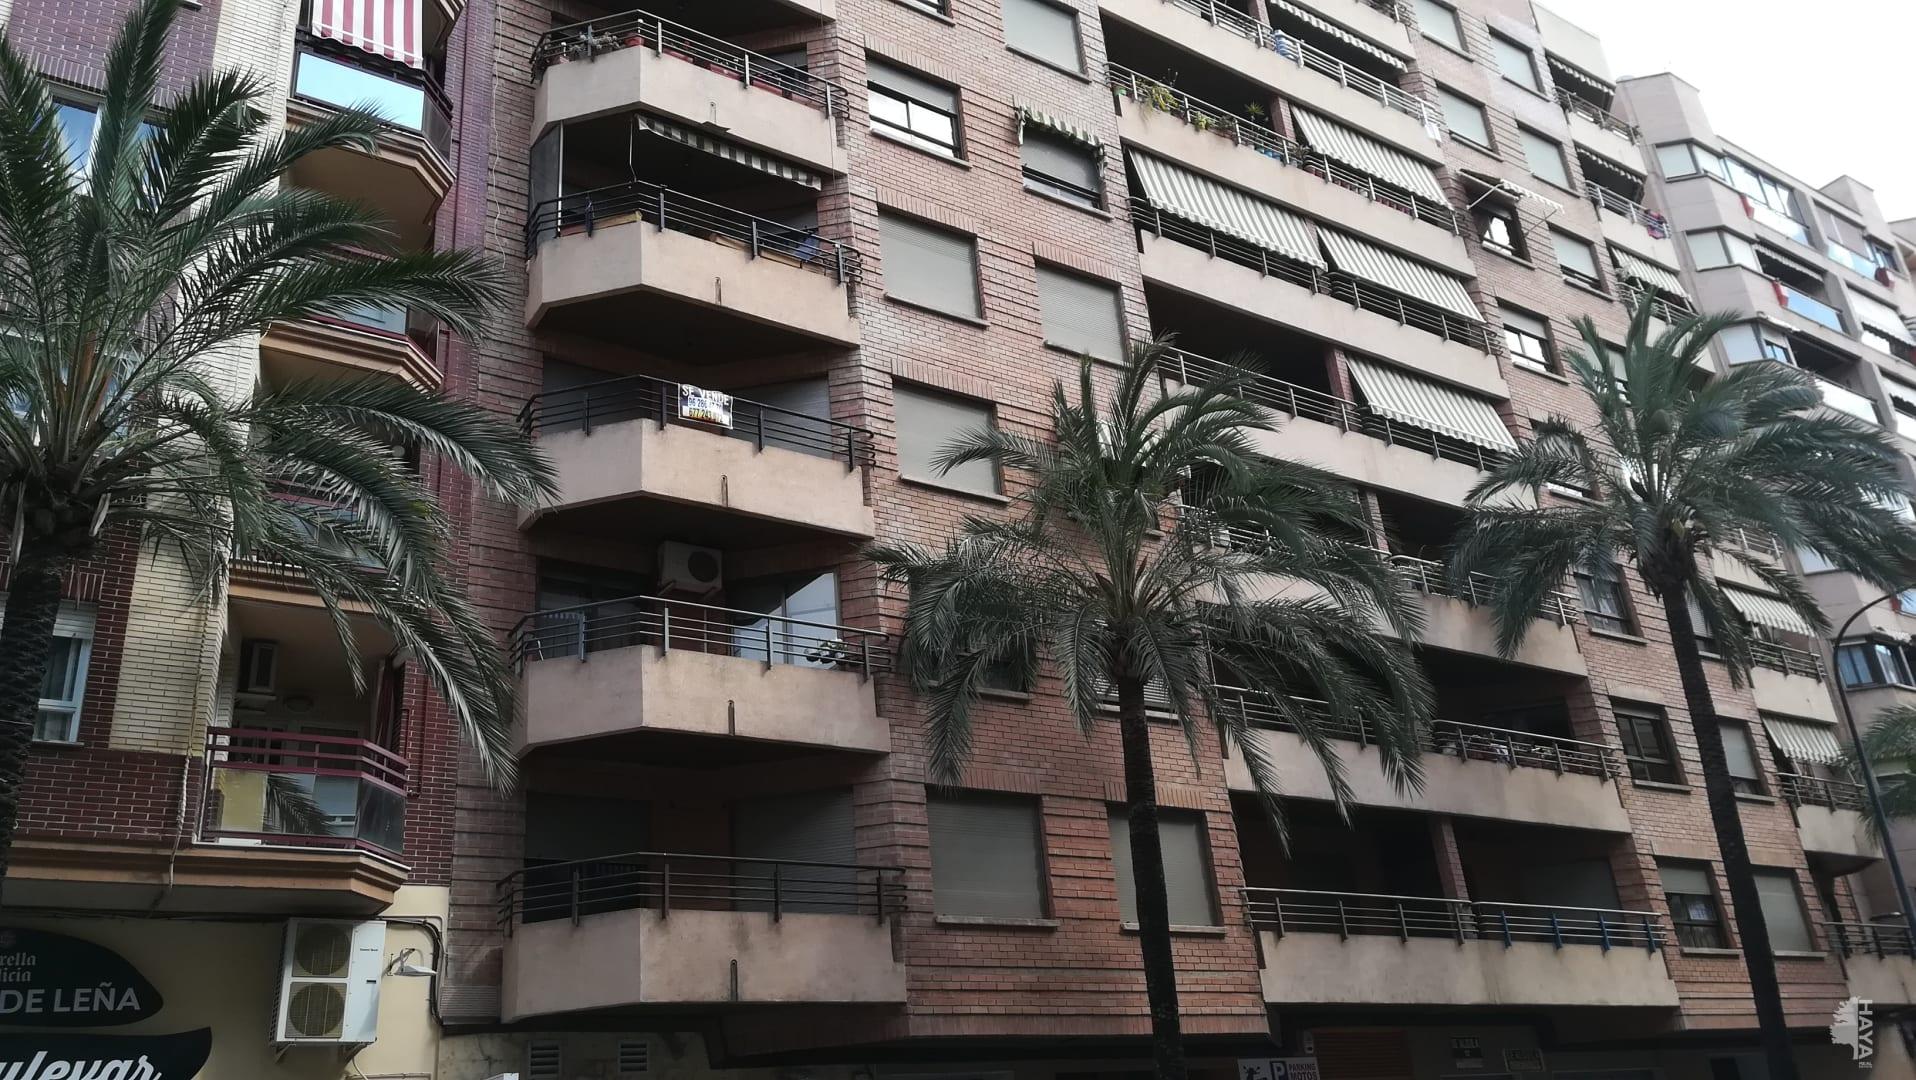 Piso en venta en Gandia, Valencia, Avenida República Argentina, 97.132 €, 3 habitaciones, 2 baños, 155 m2